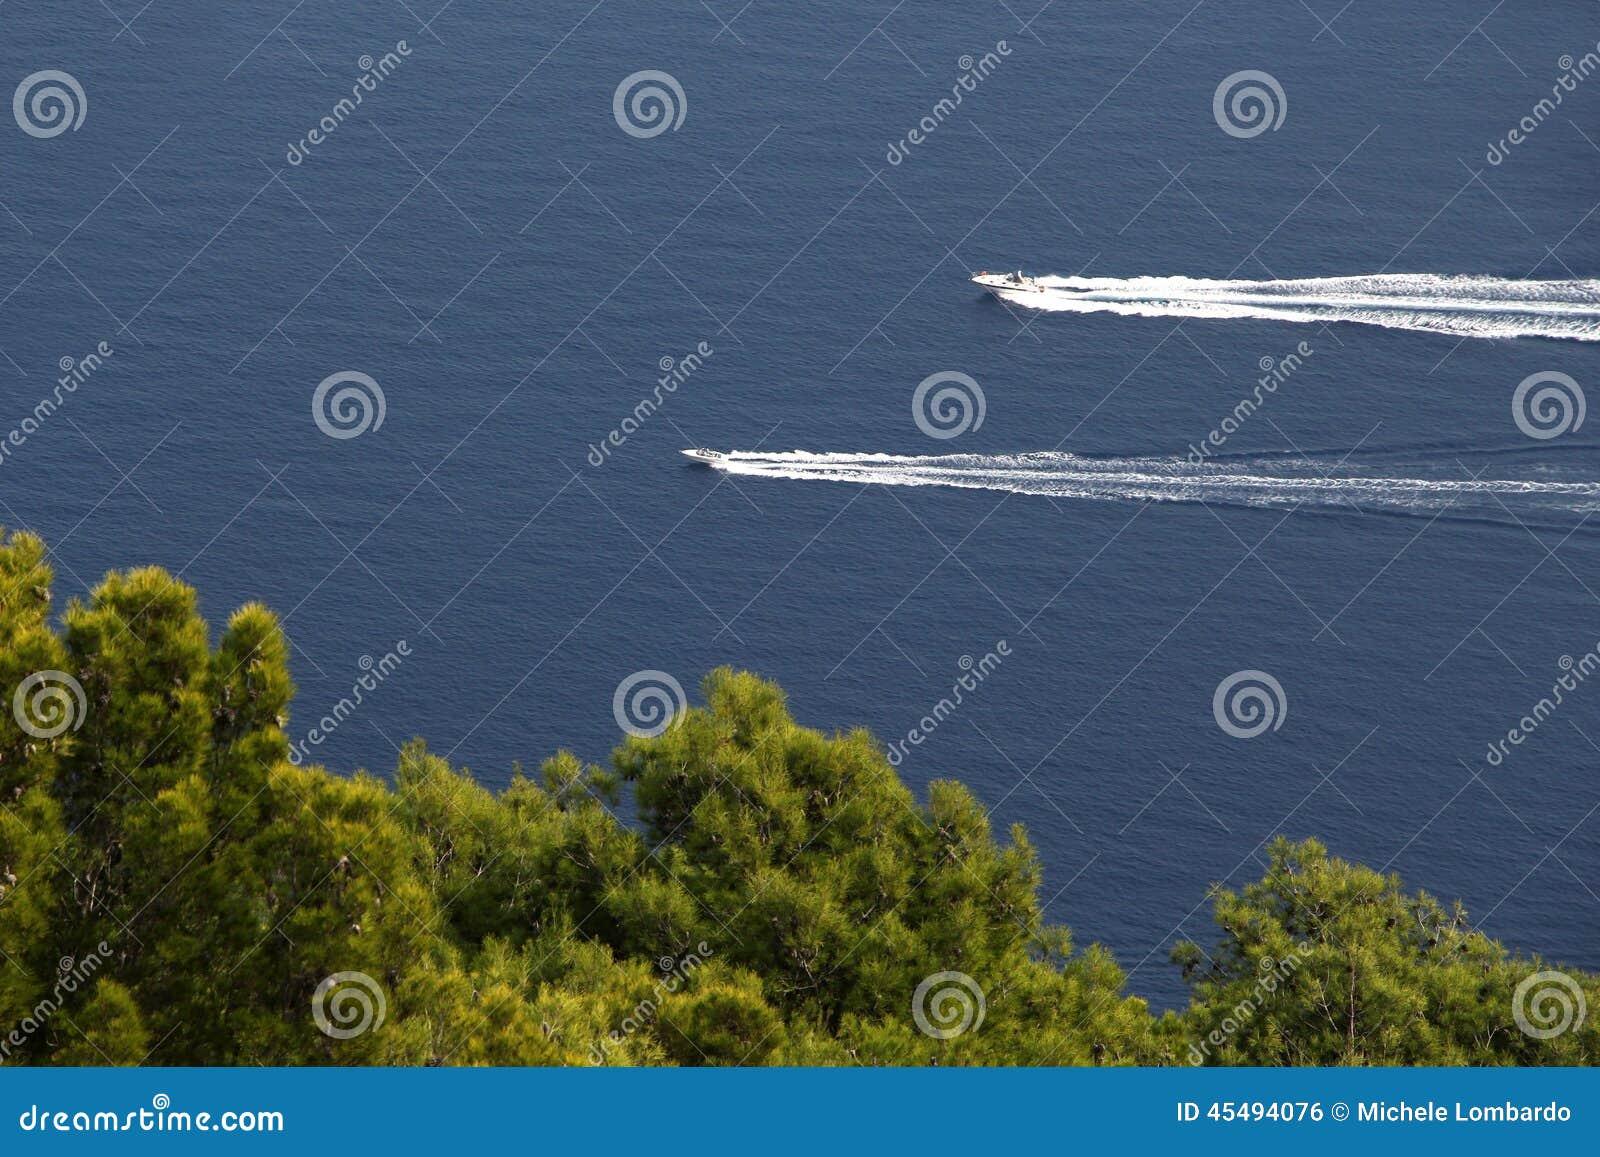 Dois barcos a motor contra um mar azul e árvores